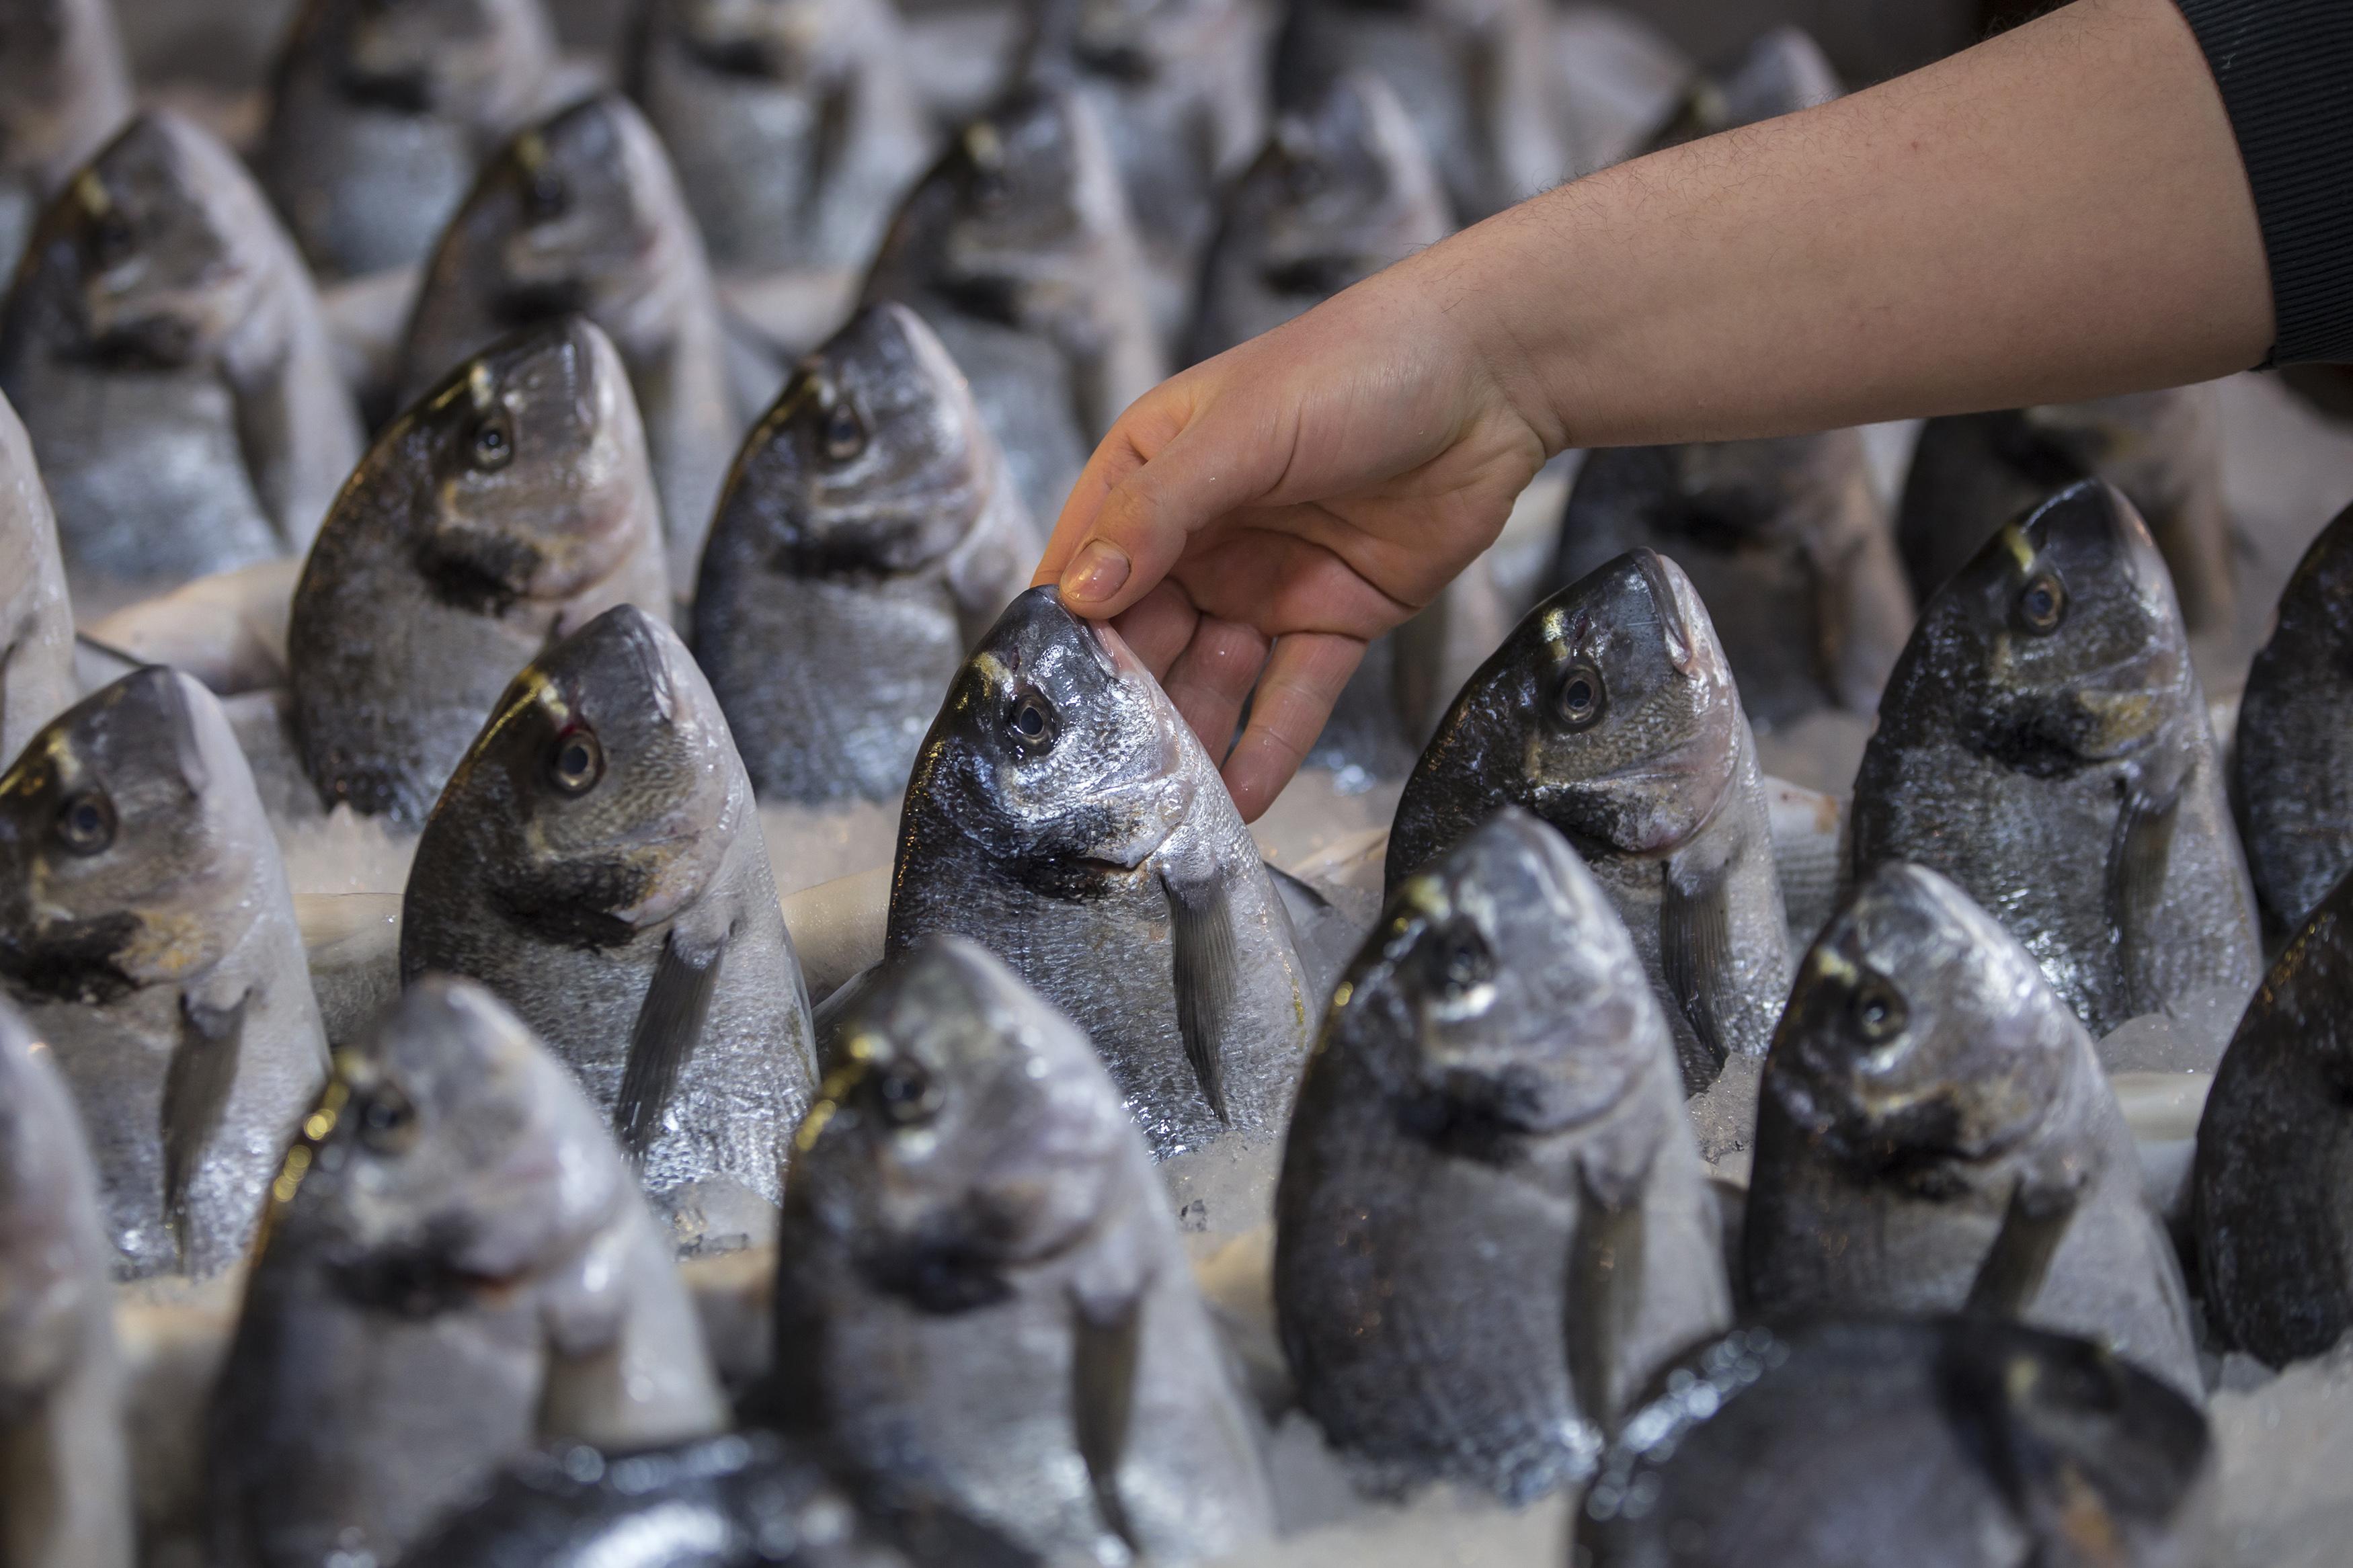 ՊԵԿ. 2016թ.-ին ձկան արտահանումը Հայաստանից աճել է 19.84%-ով